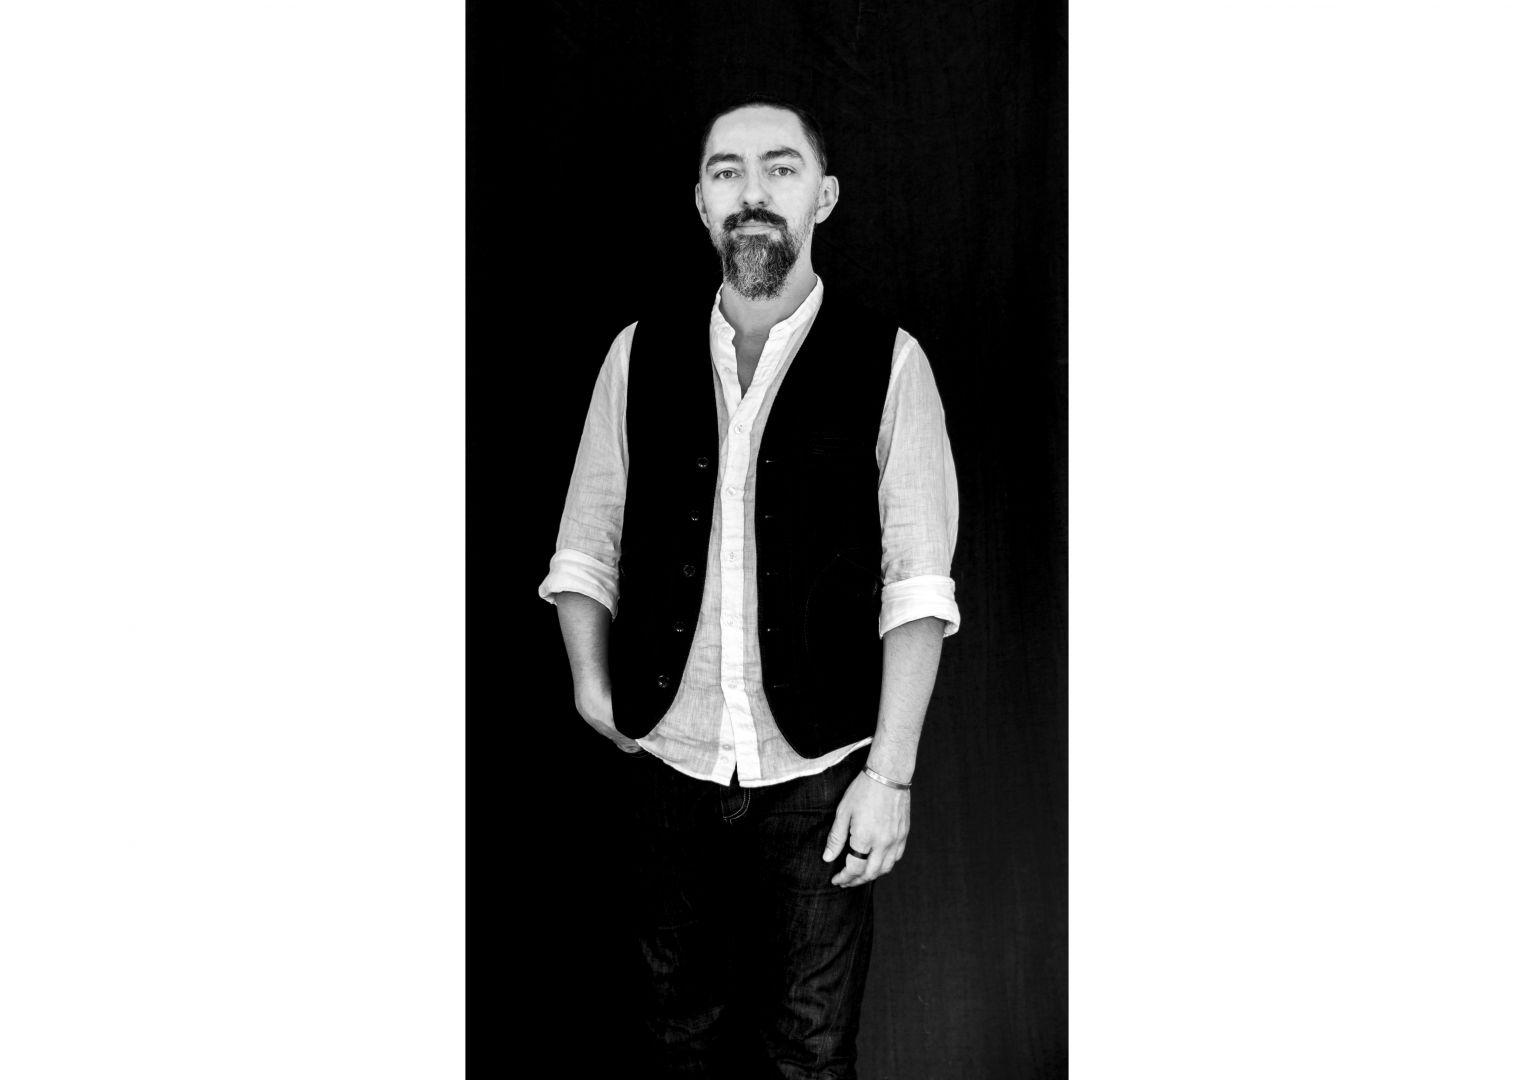 Sesję moderował będzie Grzegorz Goworek, architekt wnętrz, właściciel, Studio.O. organic design.